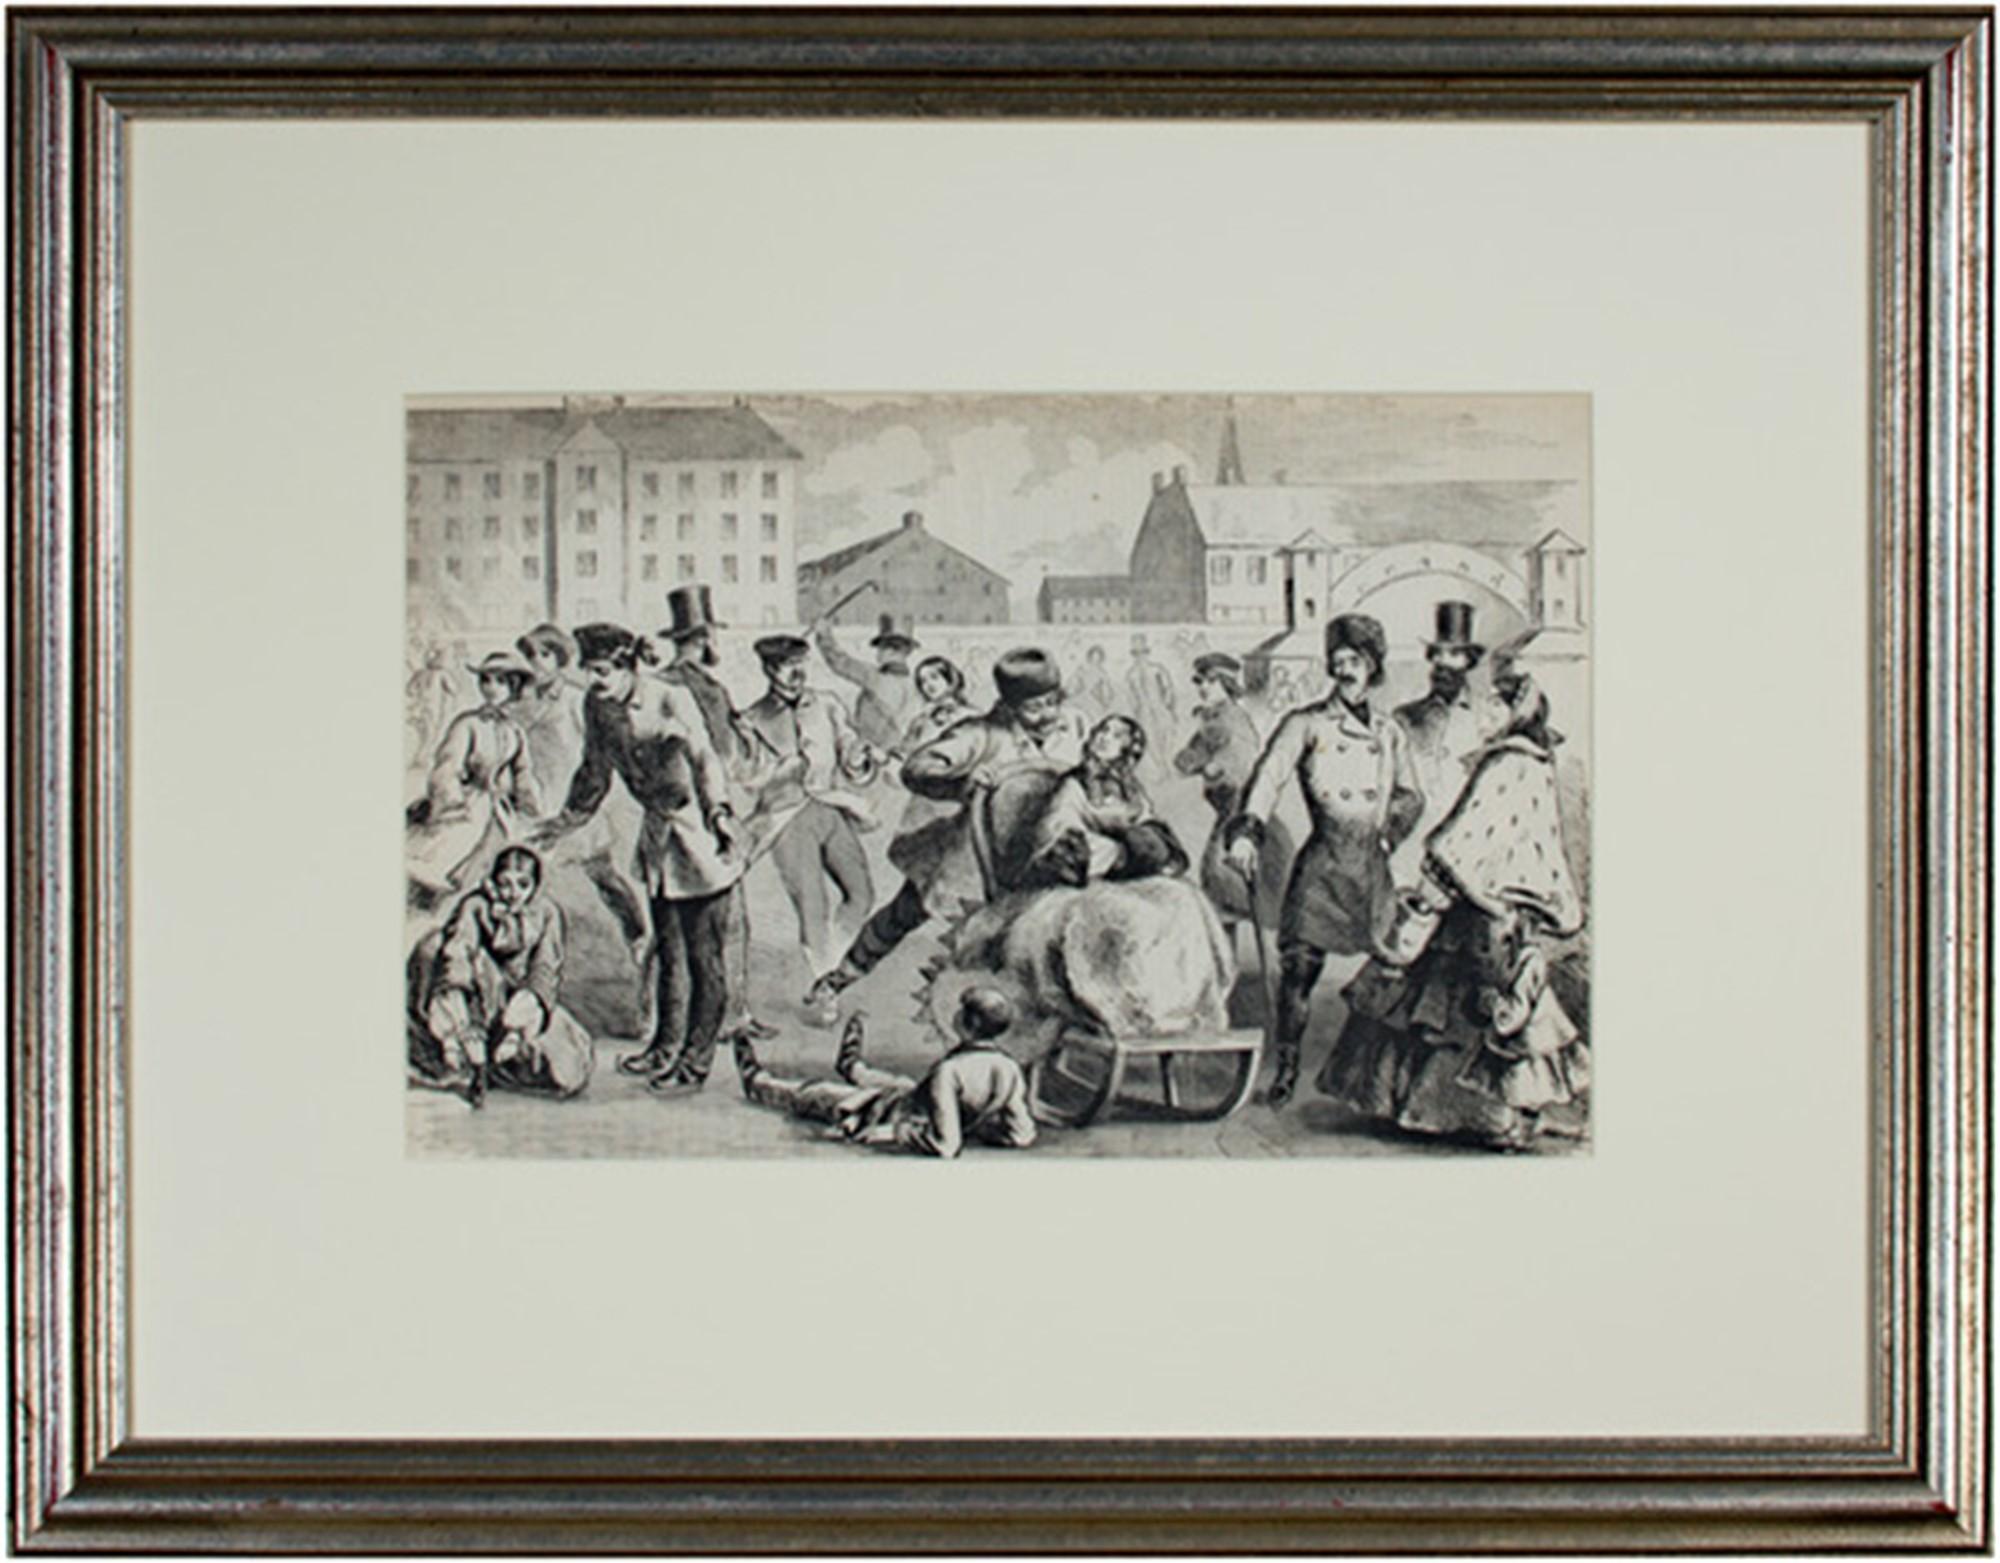 Skating at Boston by Winslow Homer